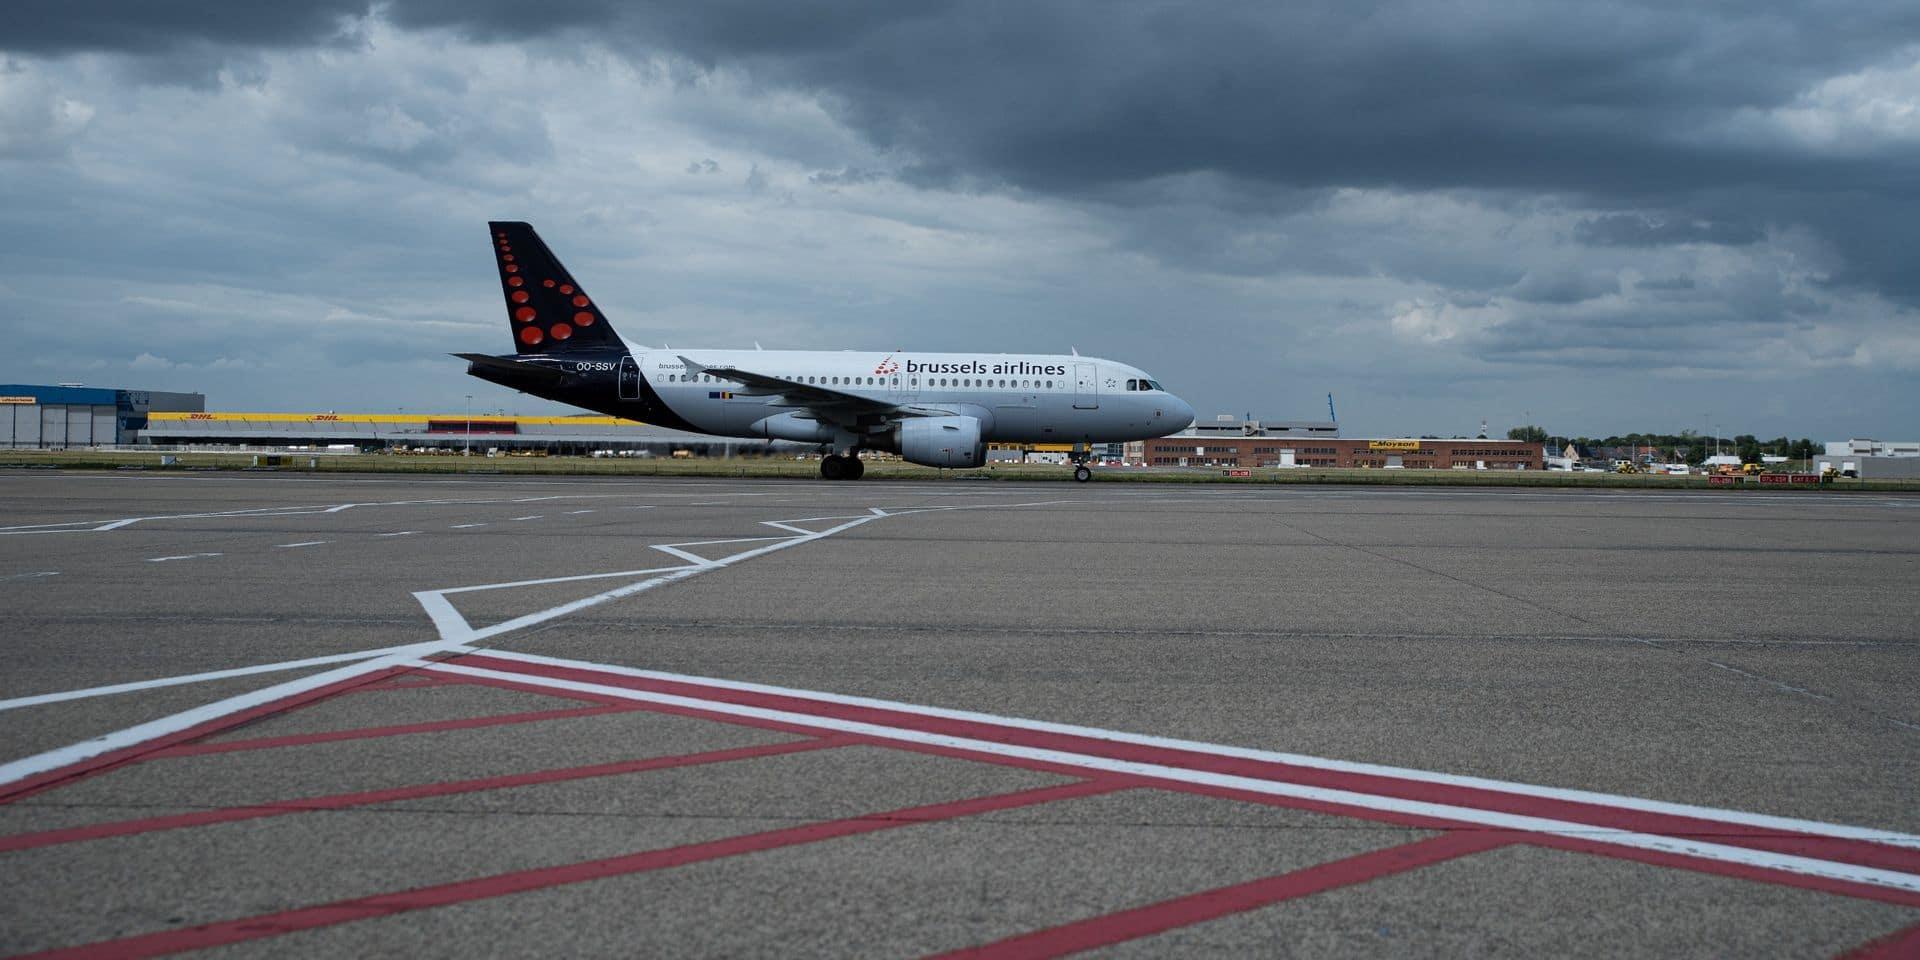 Un avion de Brussels Airlines cloué au sol: 106 passagers bloqués à Malaga